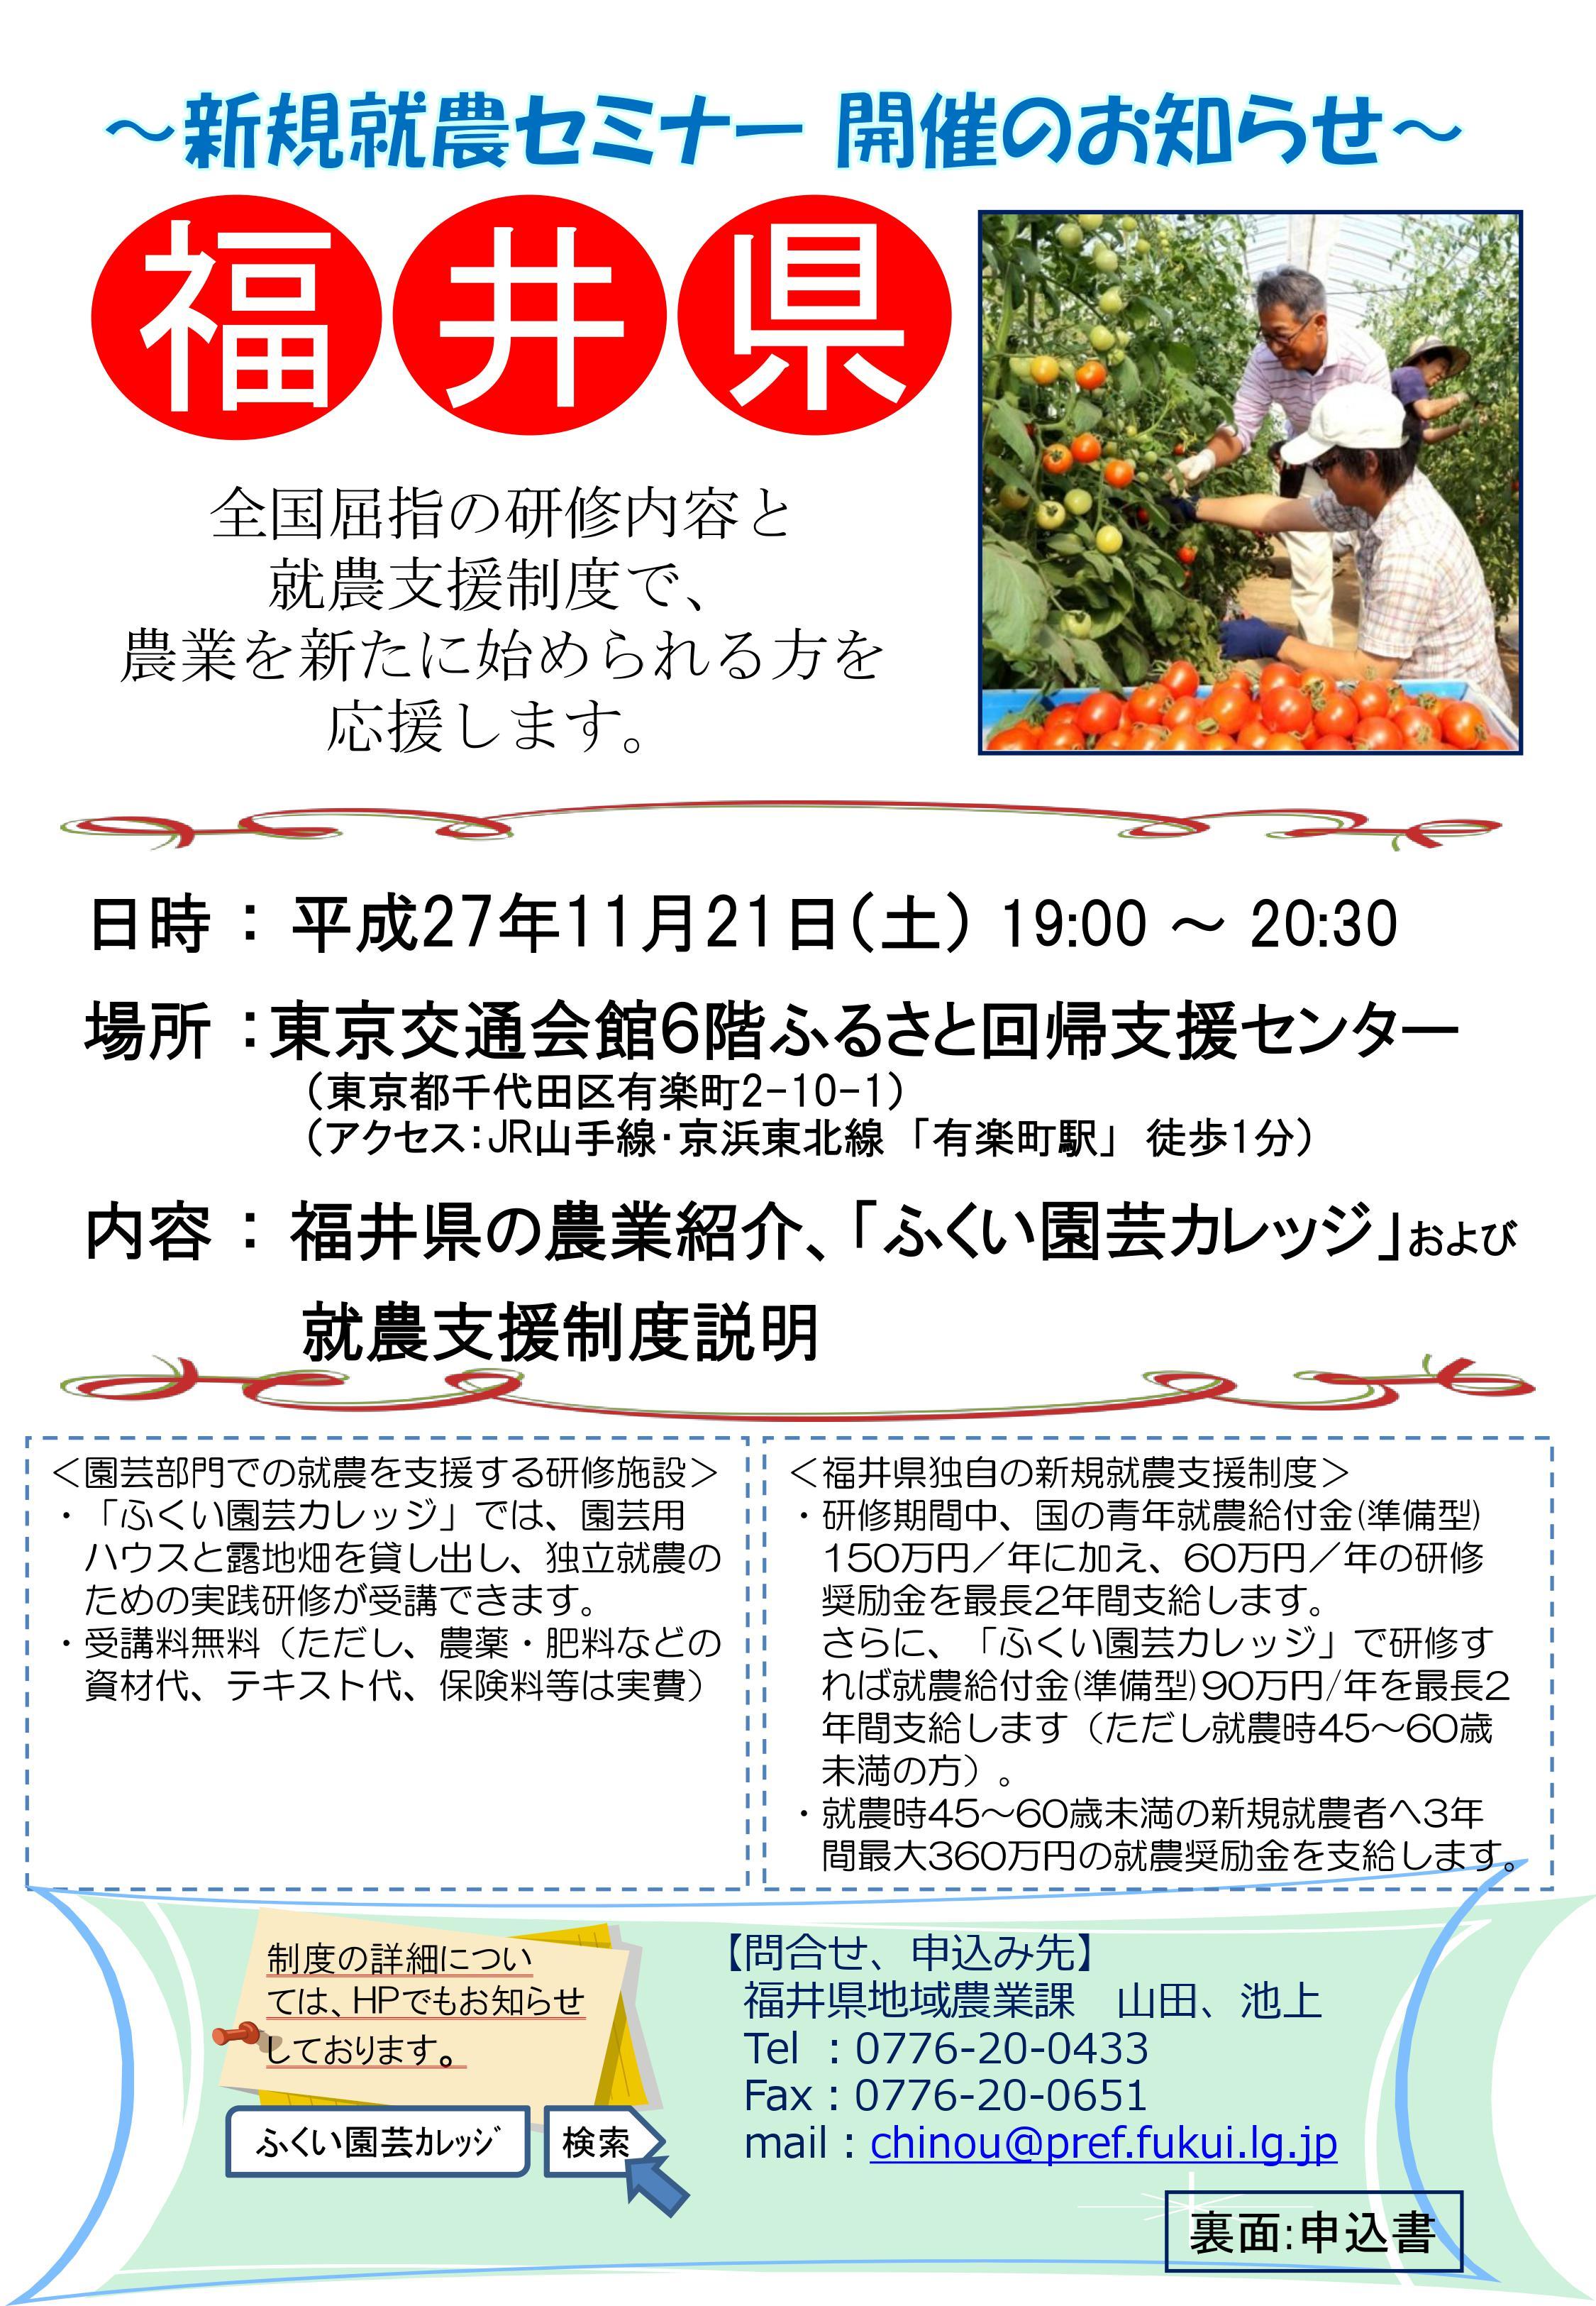 【福井県】福井新規就農セミナー